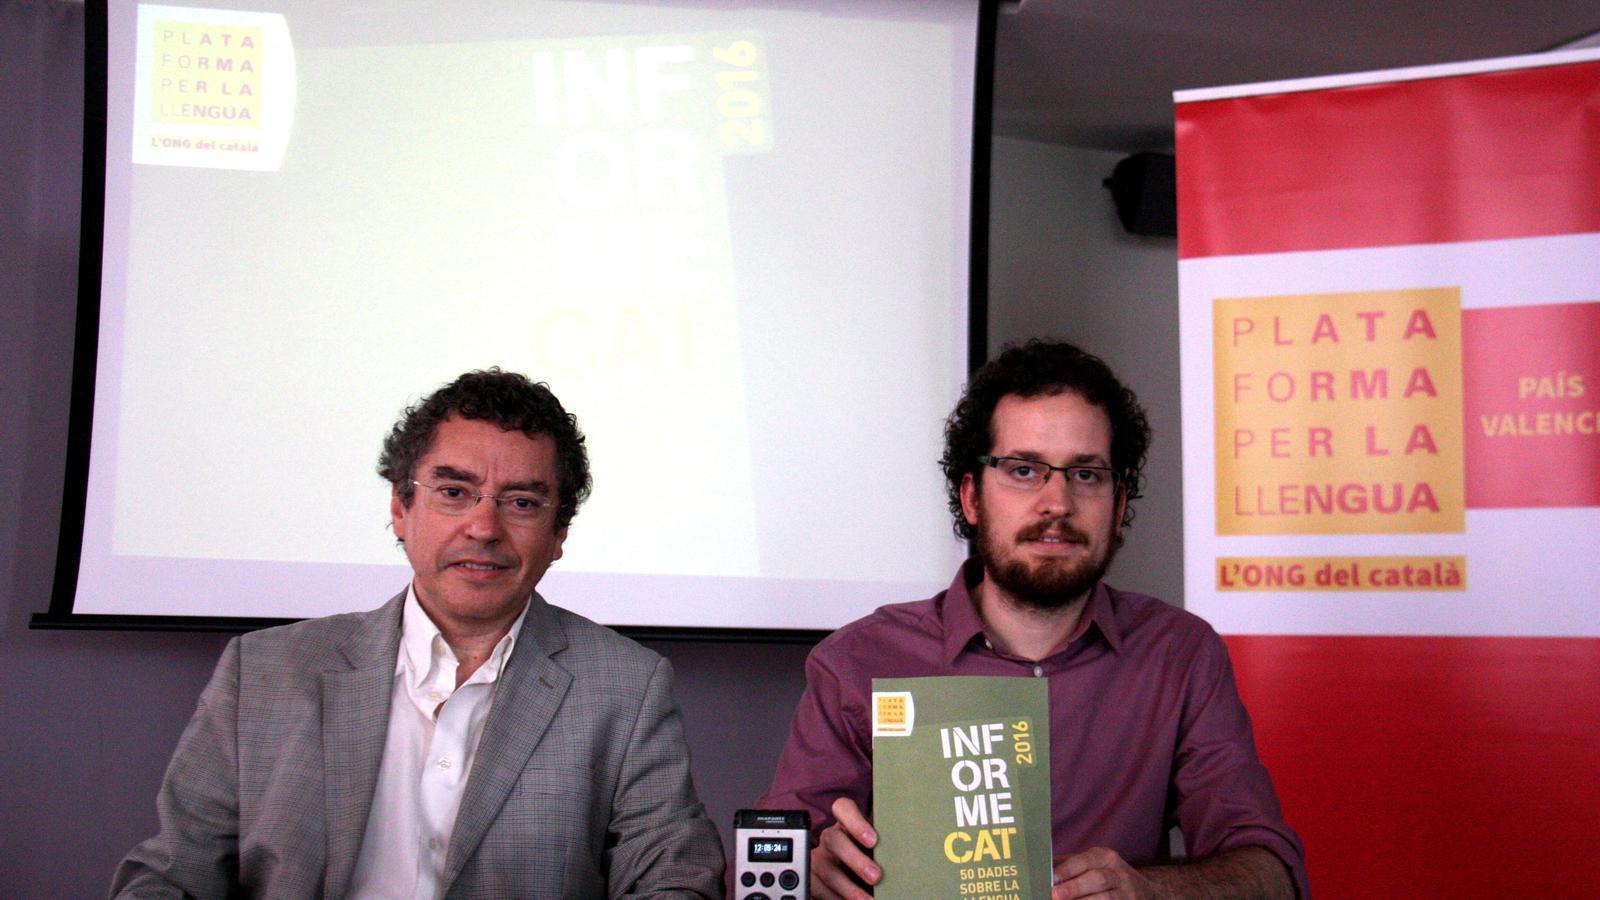 La Plataforma per la Llengua repartirà un miler d'agendes en valencià entre l'alumnat del Baix Segura i el Vinalopó Mitjà